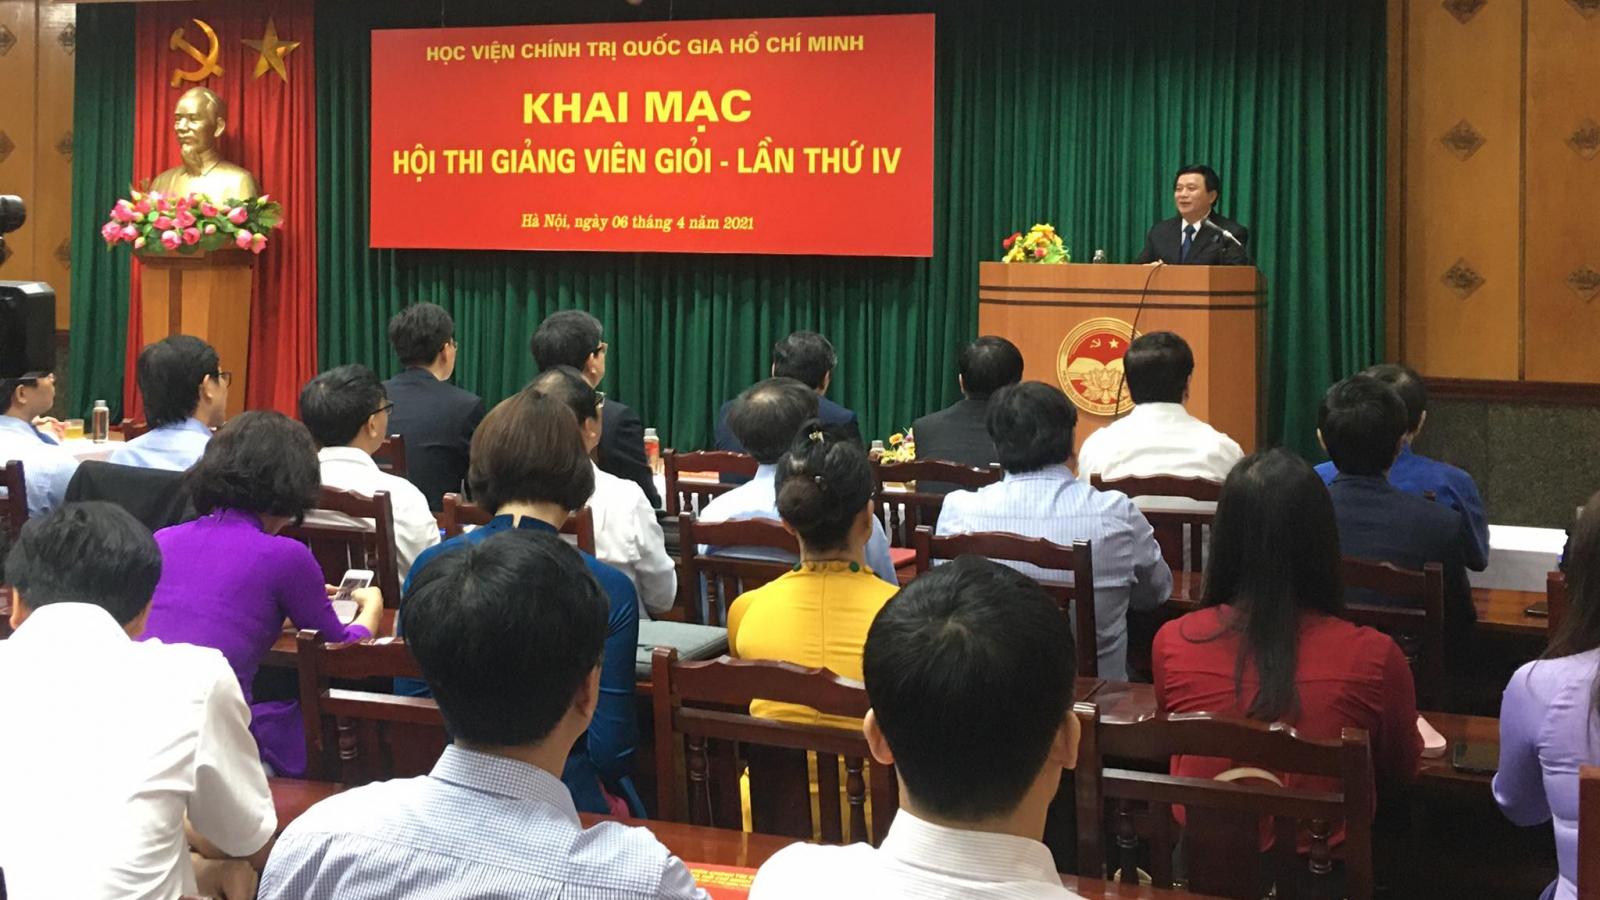 """Ông Nguyễn Xuân Thắng: """"Khắc phục tình trạng lười học, ngại học chính trị"""""""